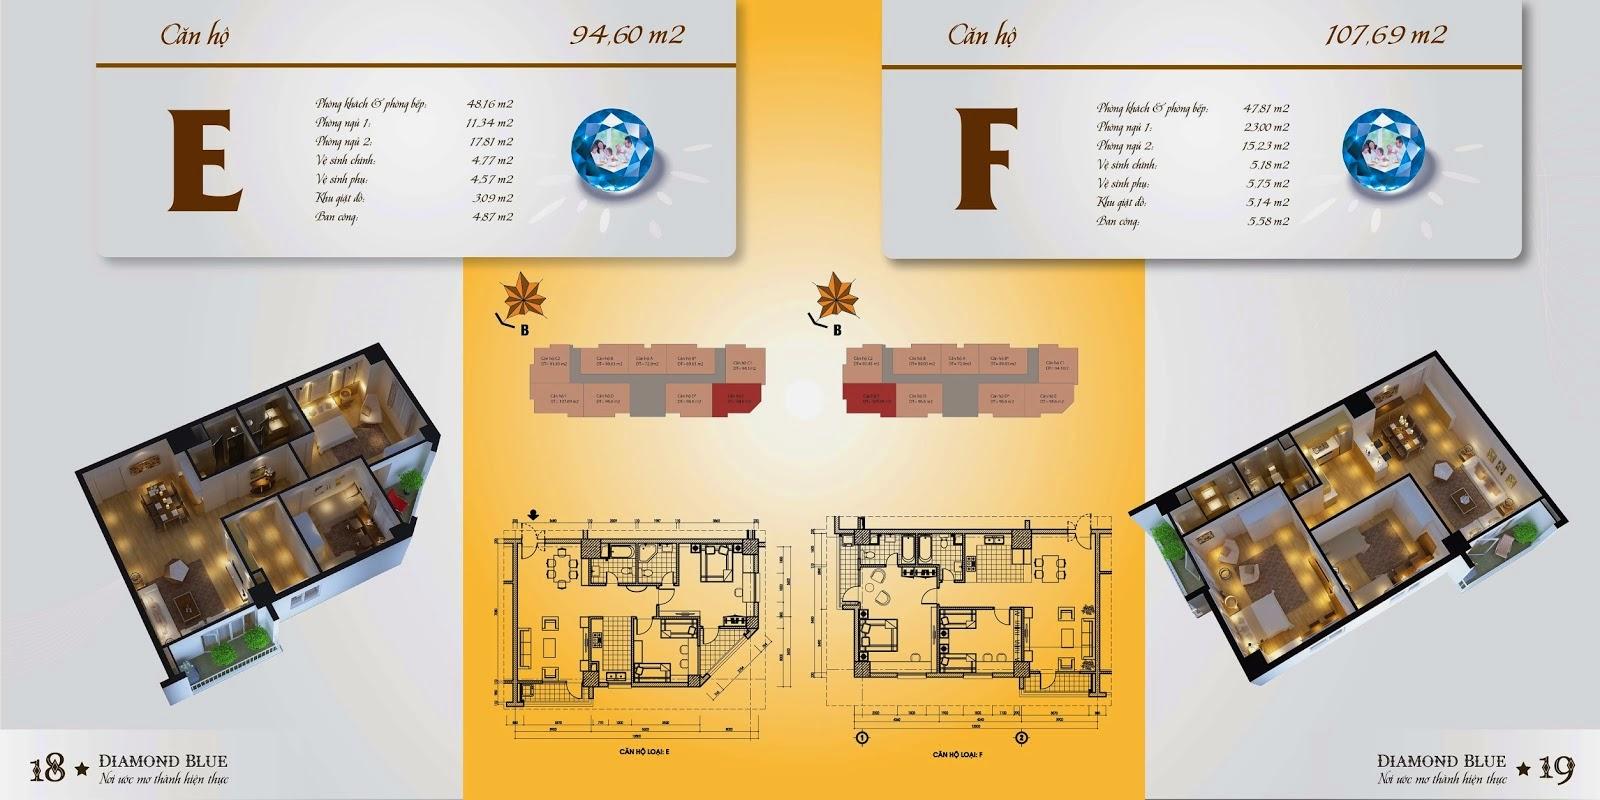 Chung cư 69 Triều khúc, thiết kế căn hộ E - F